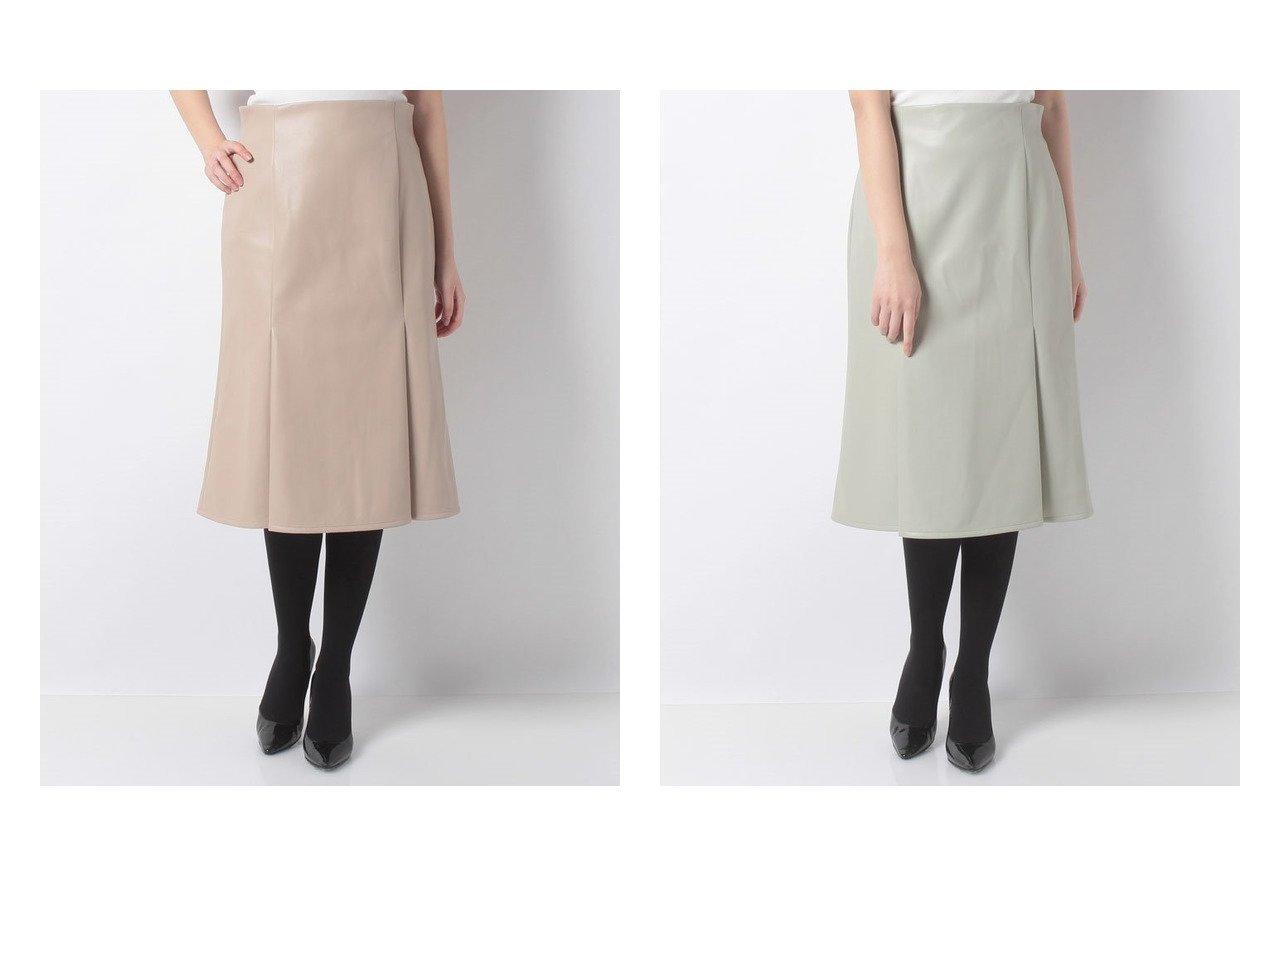 【ANAYI/アナイ】のエコレザーマーメイドスカート スカートのおすすめ!人気、トレンド・レディースファッションの通販 おすすめで人気の流行・トレンド、ファッションの通販商品 メンズファッション・キッズファッション・インテリア・家具・レディースファッション・服の通販 founy(ファニー) https://founy.com/ ファッション Fashion レディースファッション WOMEN スカート Skirt Aライン/フレアスカート Flared A-Line Skirts エレガント |ID:crp329100000014031